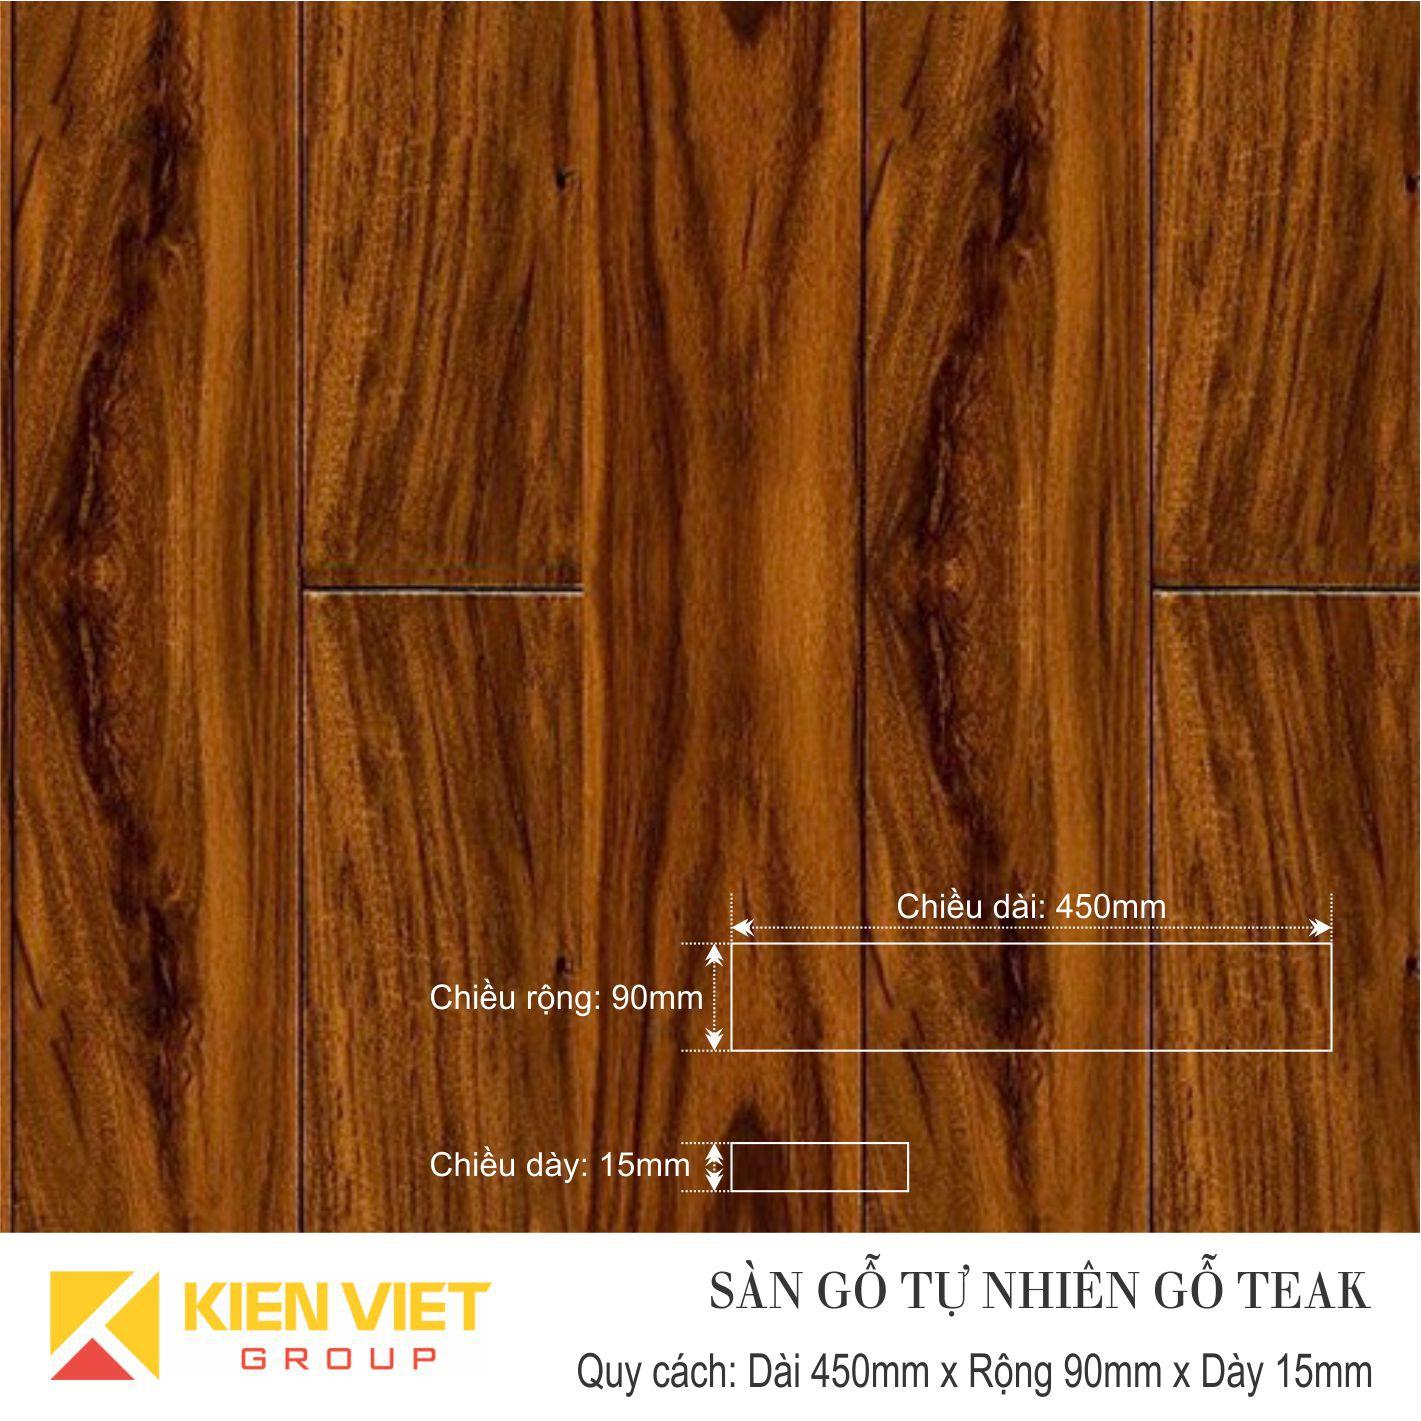 Sàn gỗ tự nhiên Teak 450x15mm